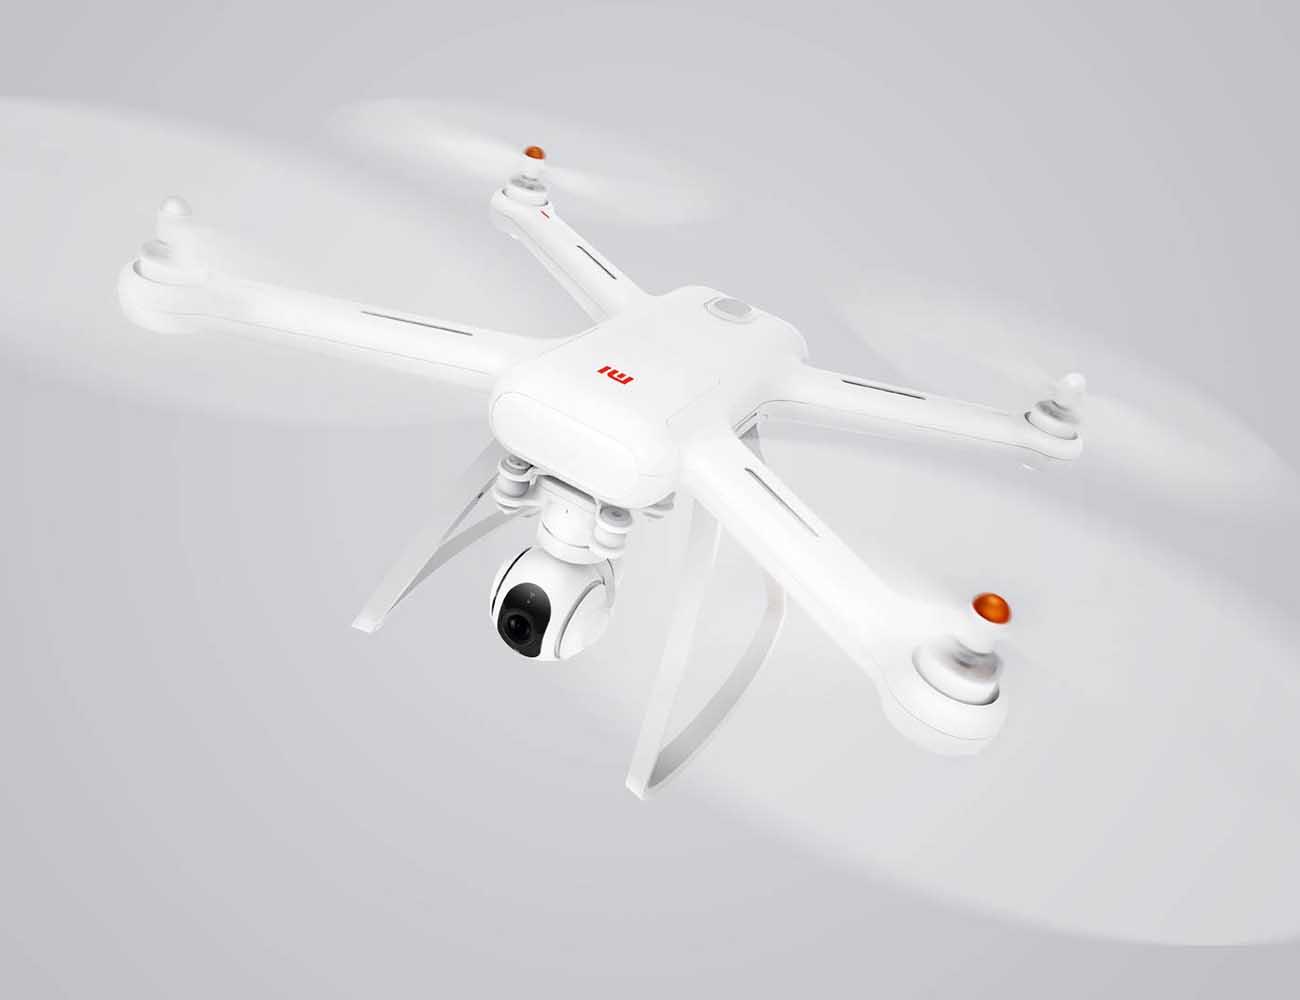 Mi Drone by Xiaomi